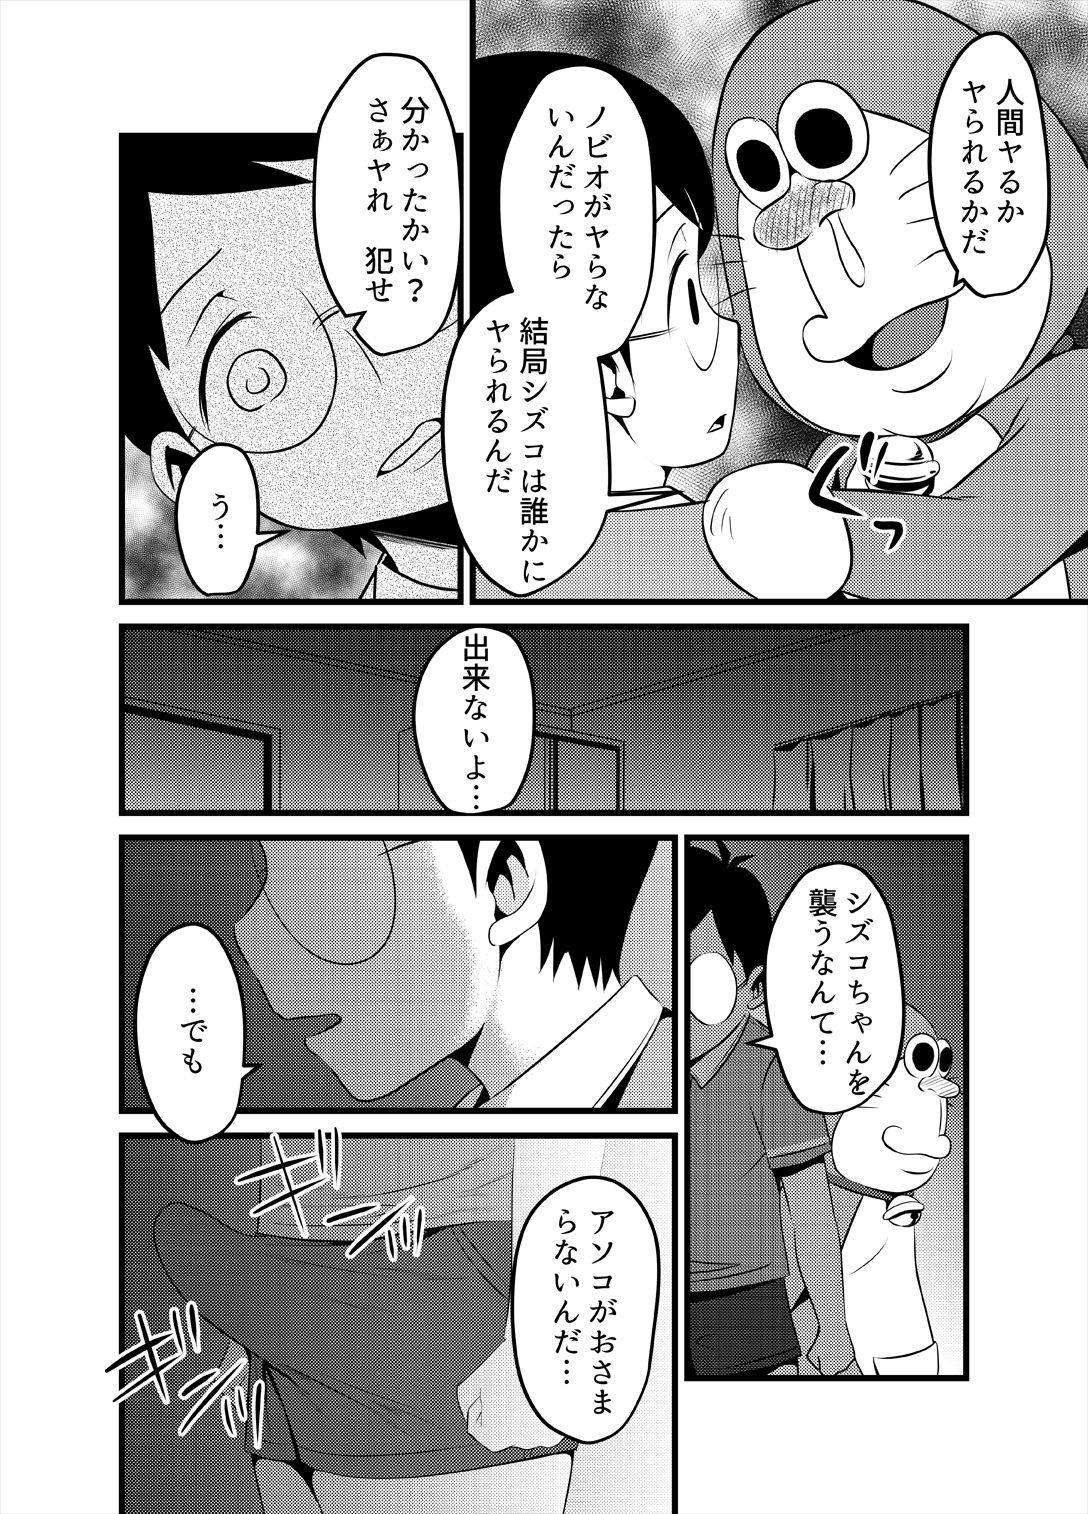 [Babymaker (Beco)] Gesuemon STAND-MY-D (Doraemon) [Digital] 4